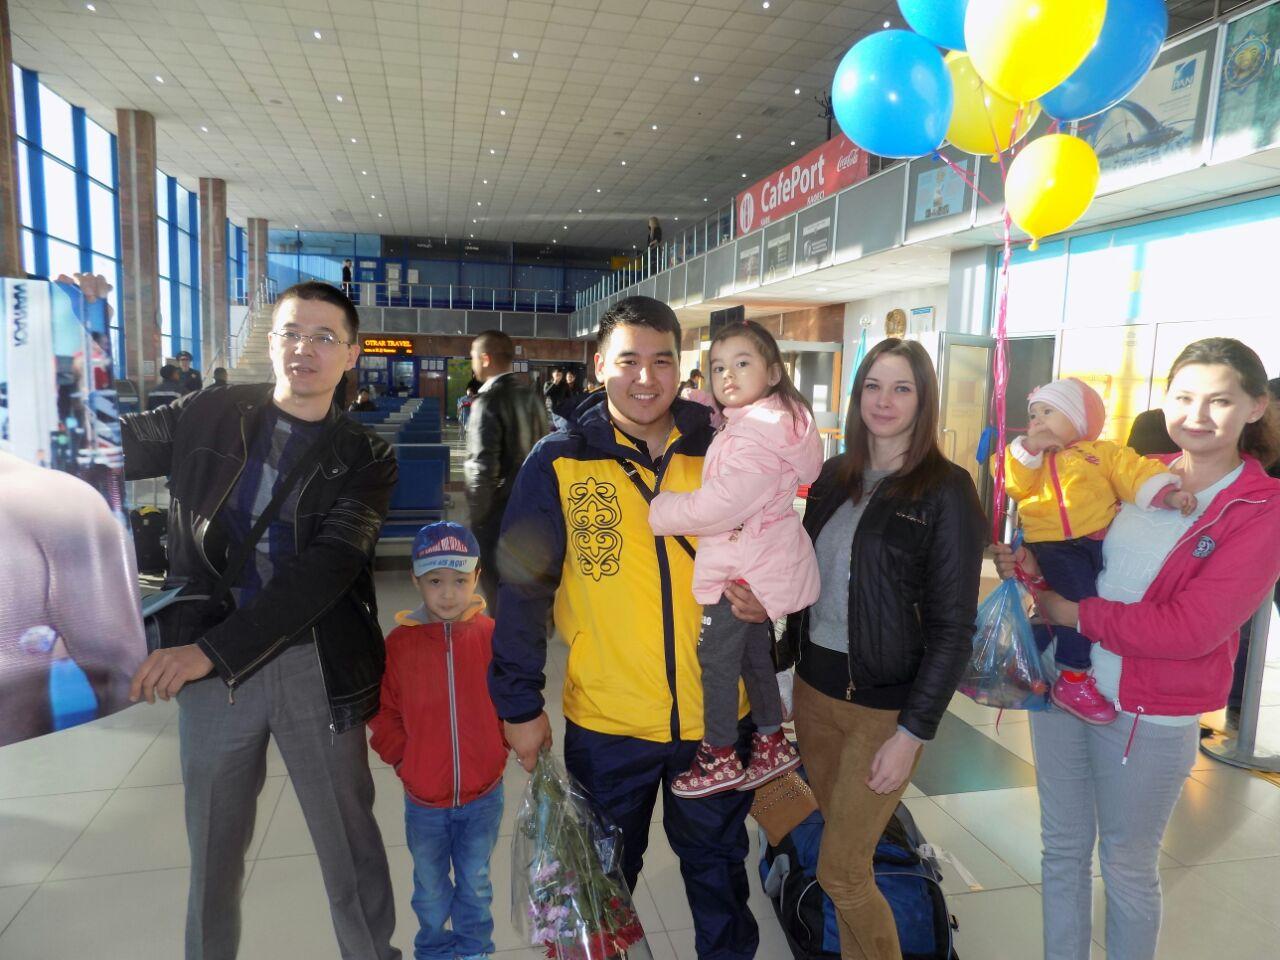 Новости Атырау - Спортсмен из Атырау стал чемпионом мира по пауэрлифтингу IMG-20170426-WA0027